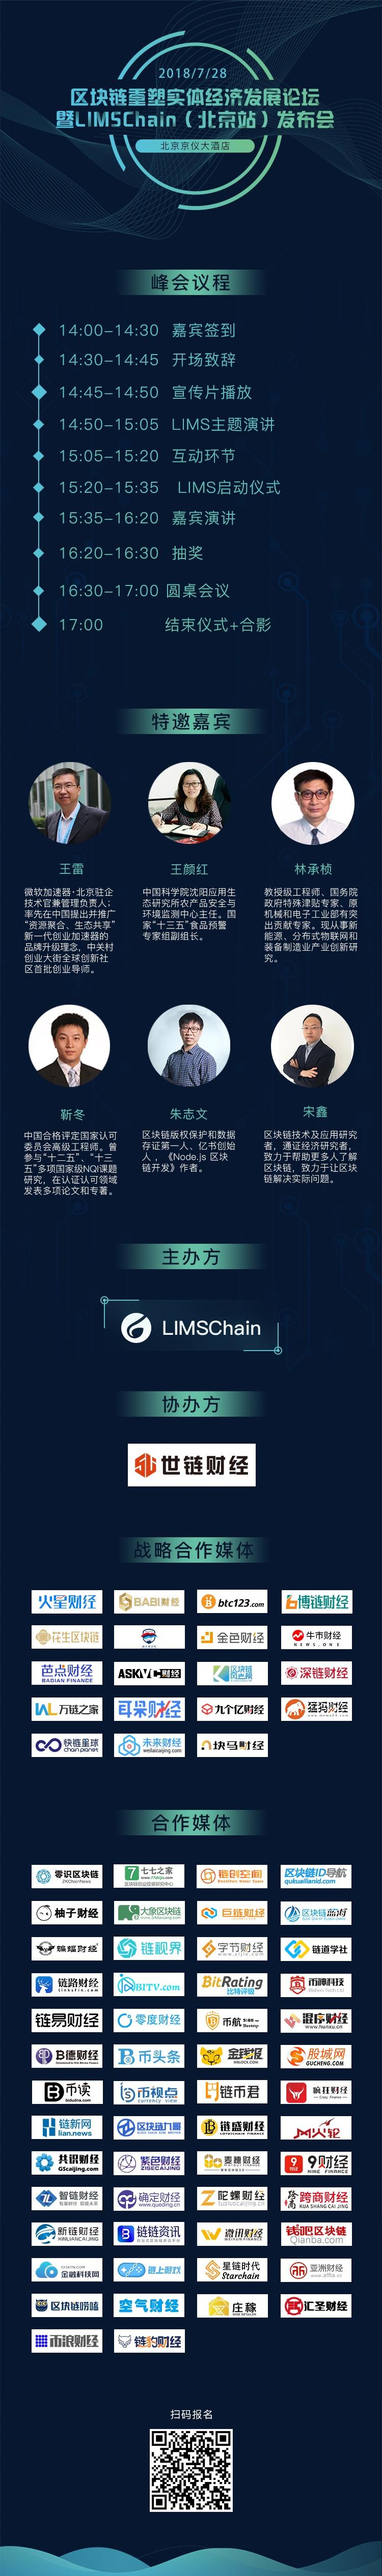 關乎74億人的產品安全——LIMSChain重磅來襲!